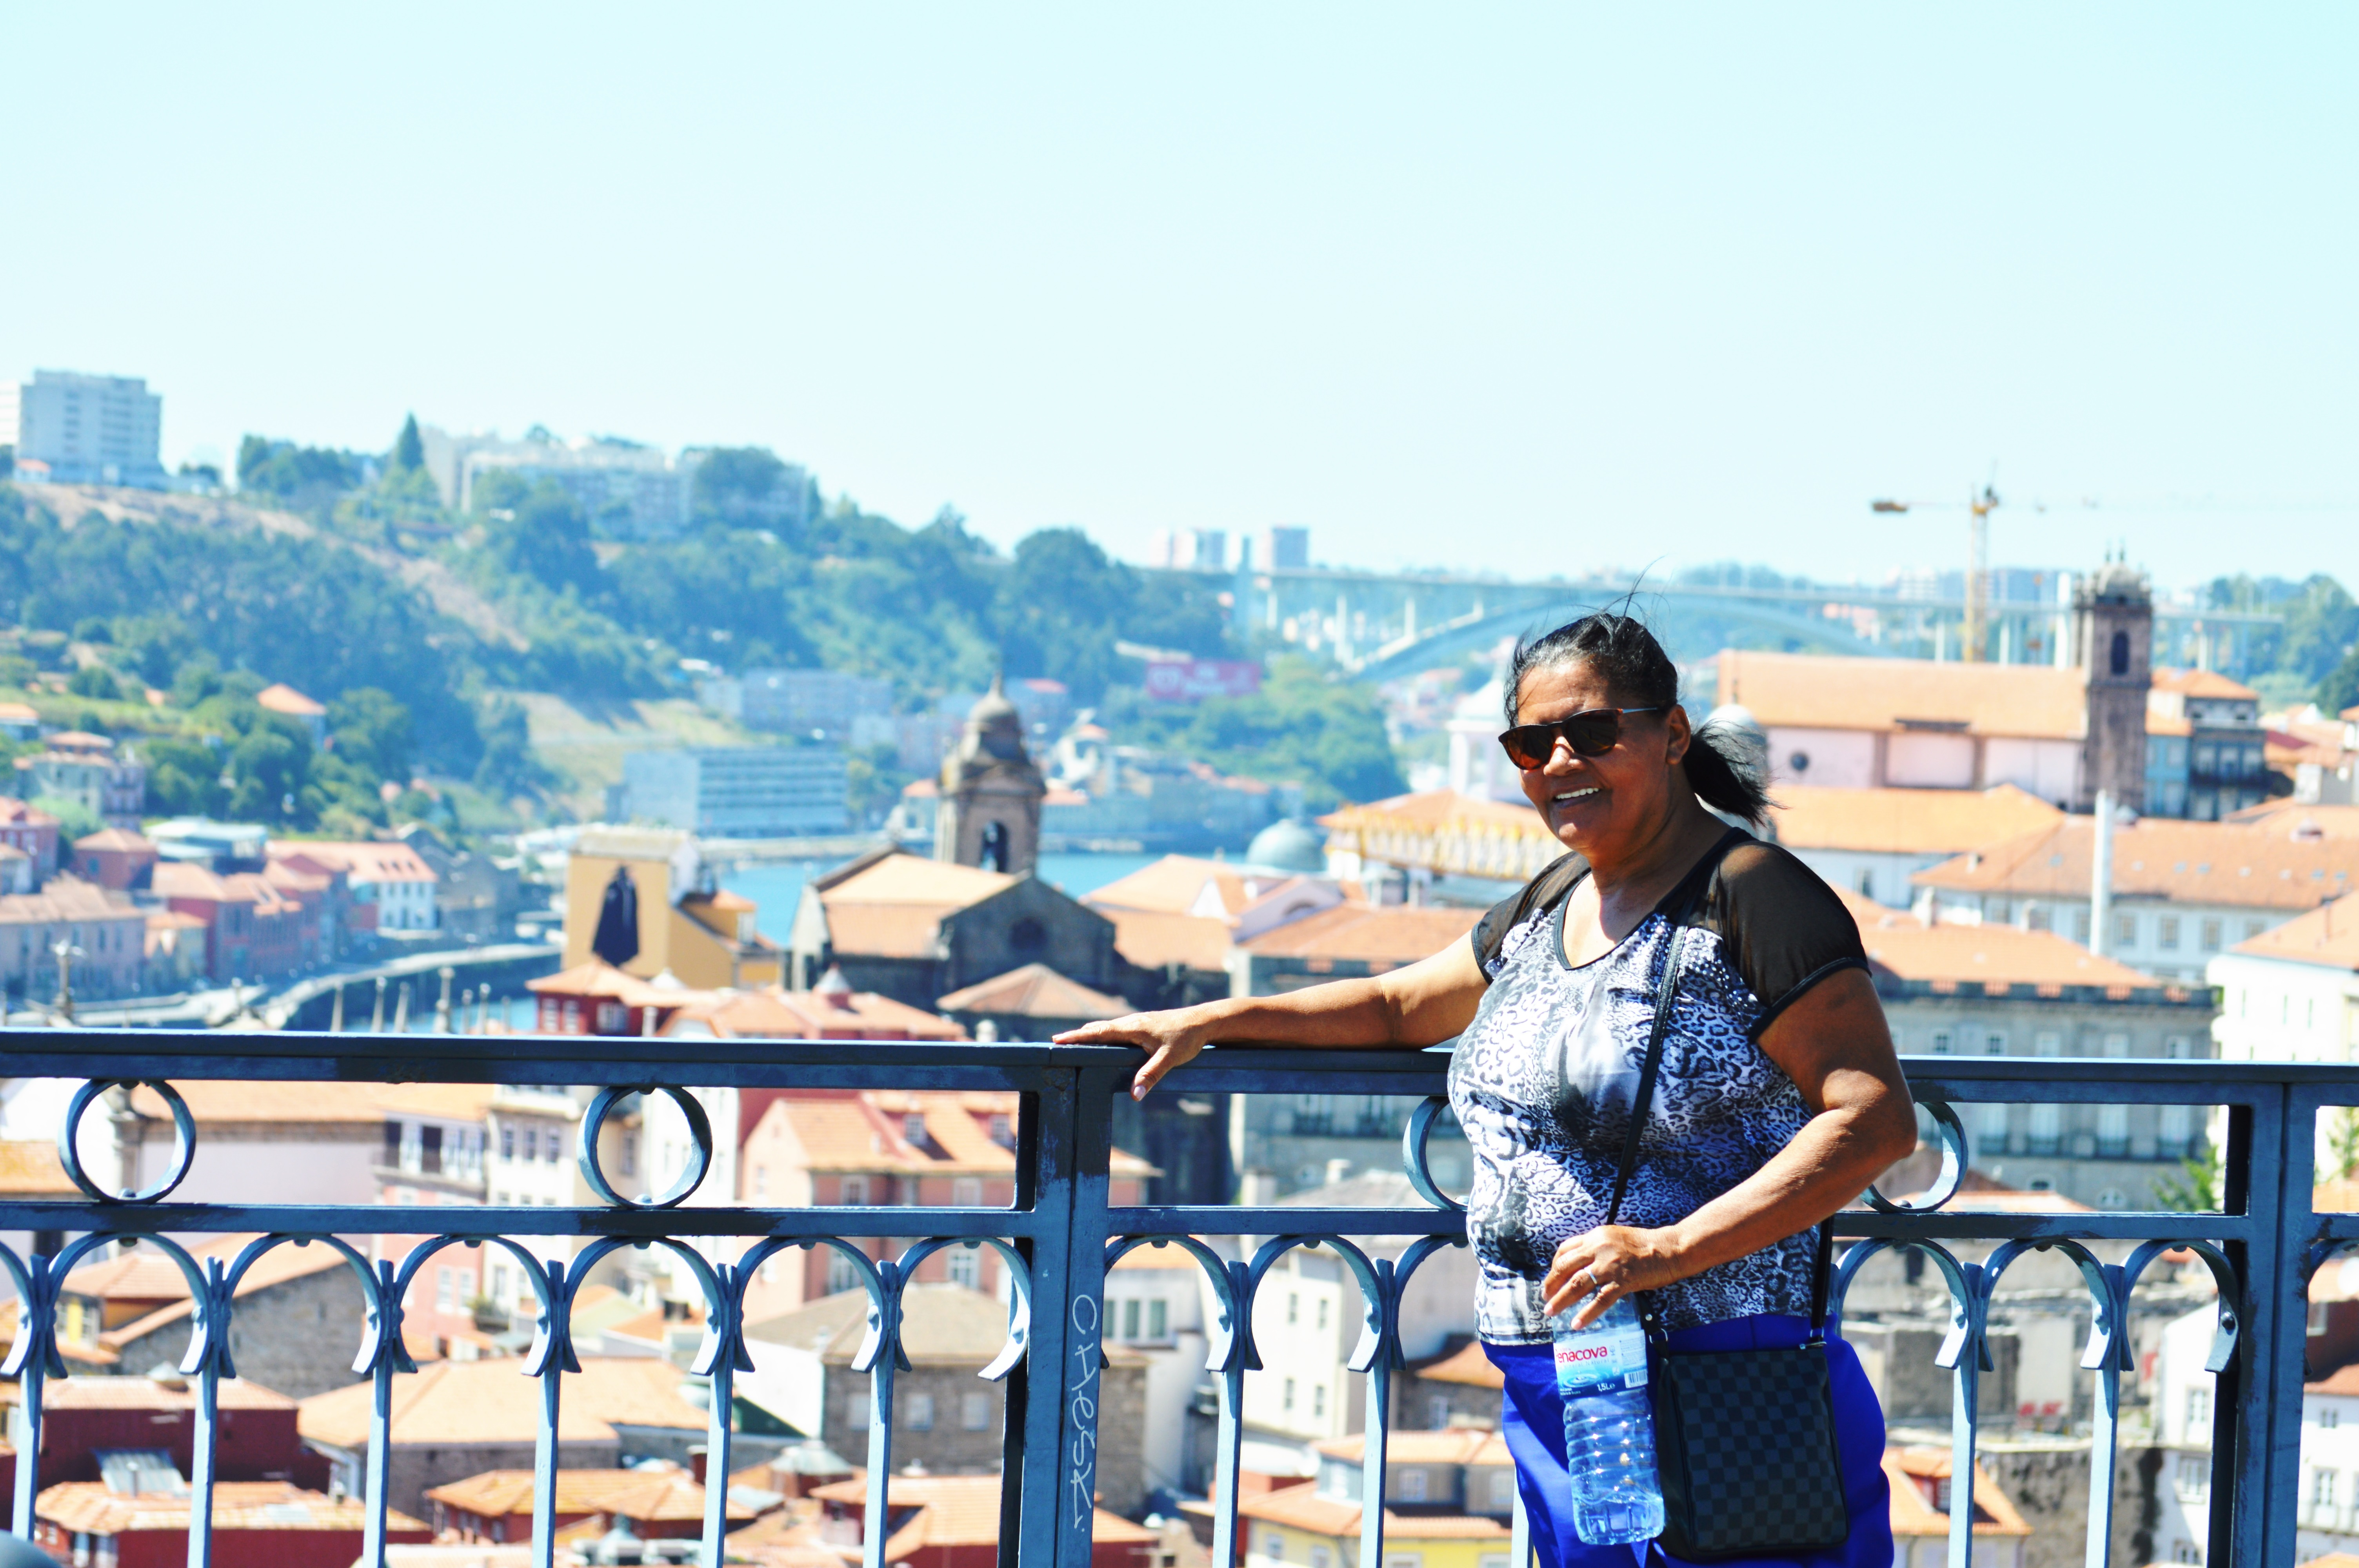 Mesmo sem saber ler, esta mãe foi visitar filho em Portugal e recebeu lindo presente 5